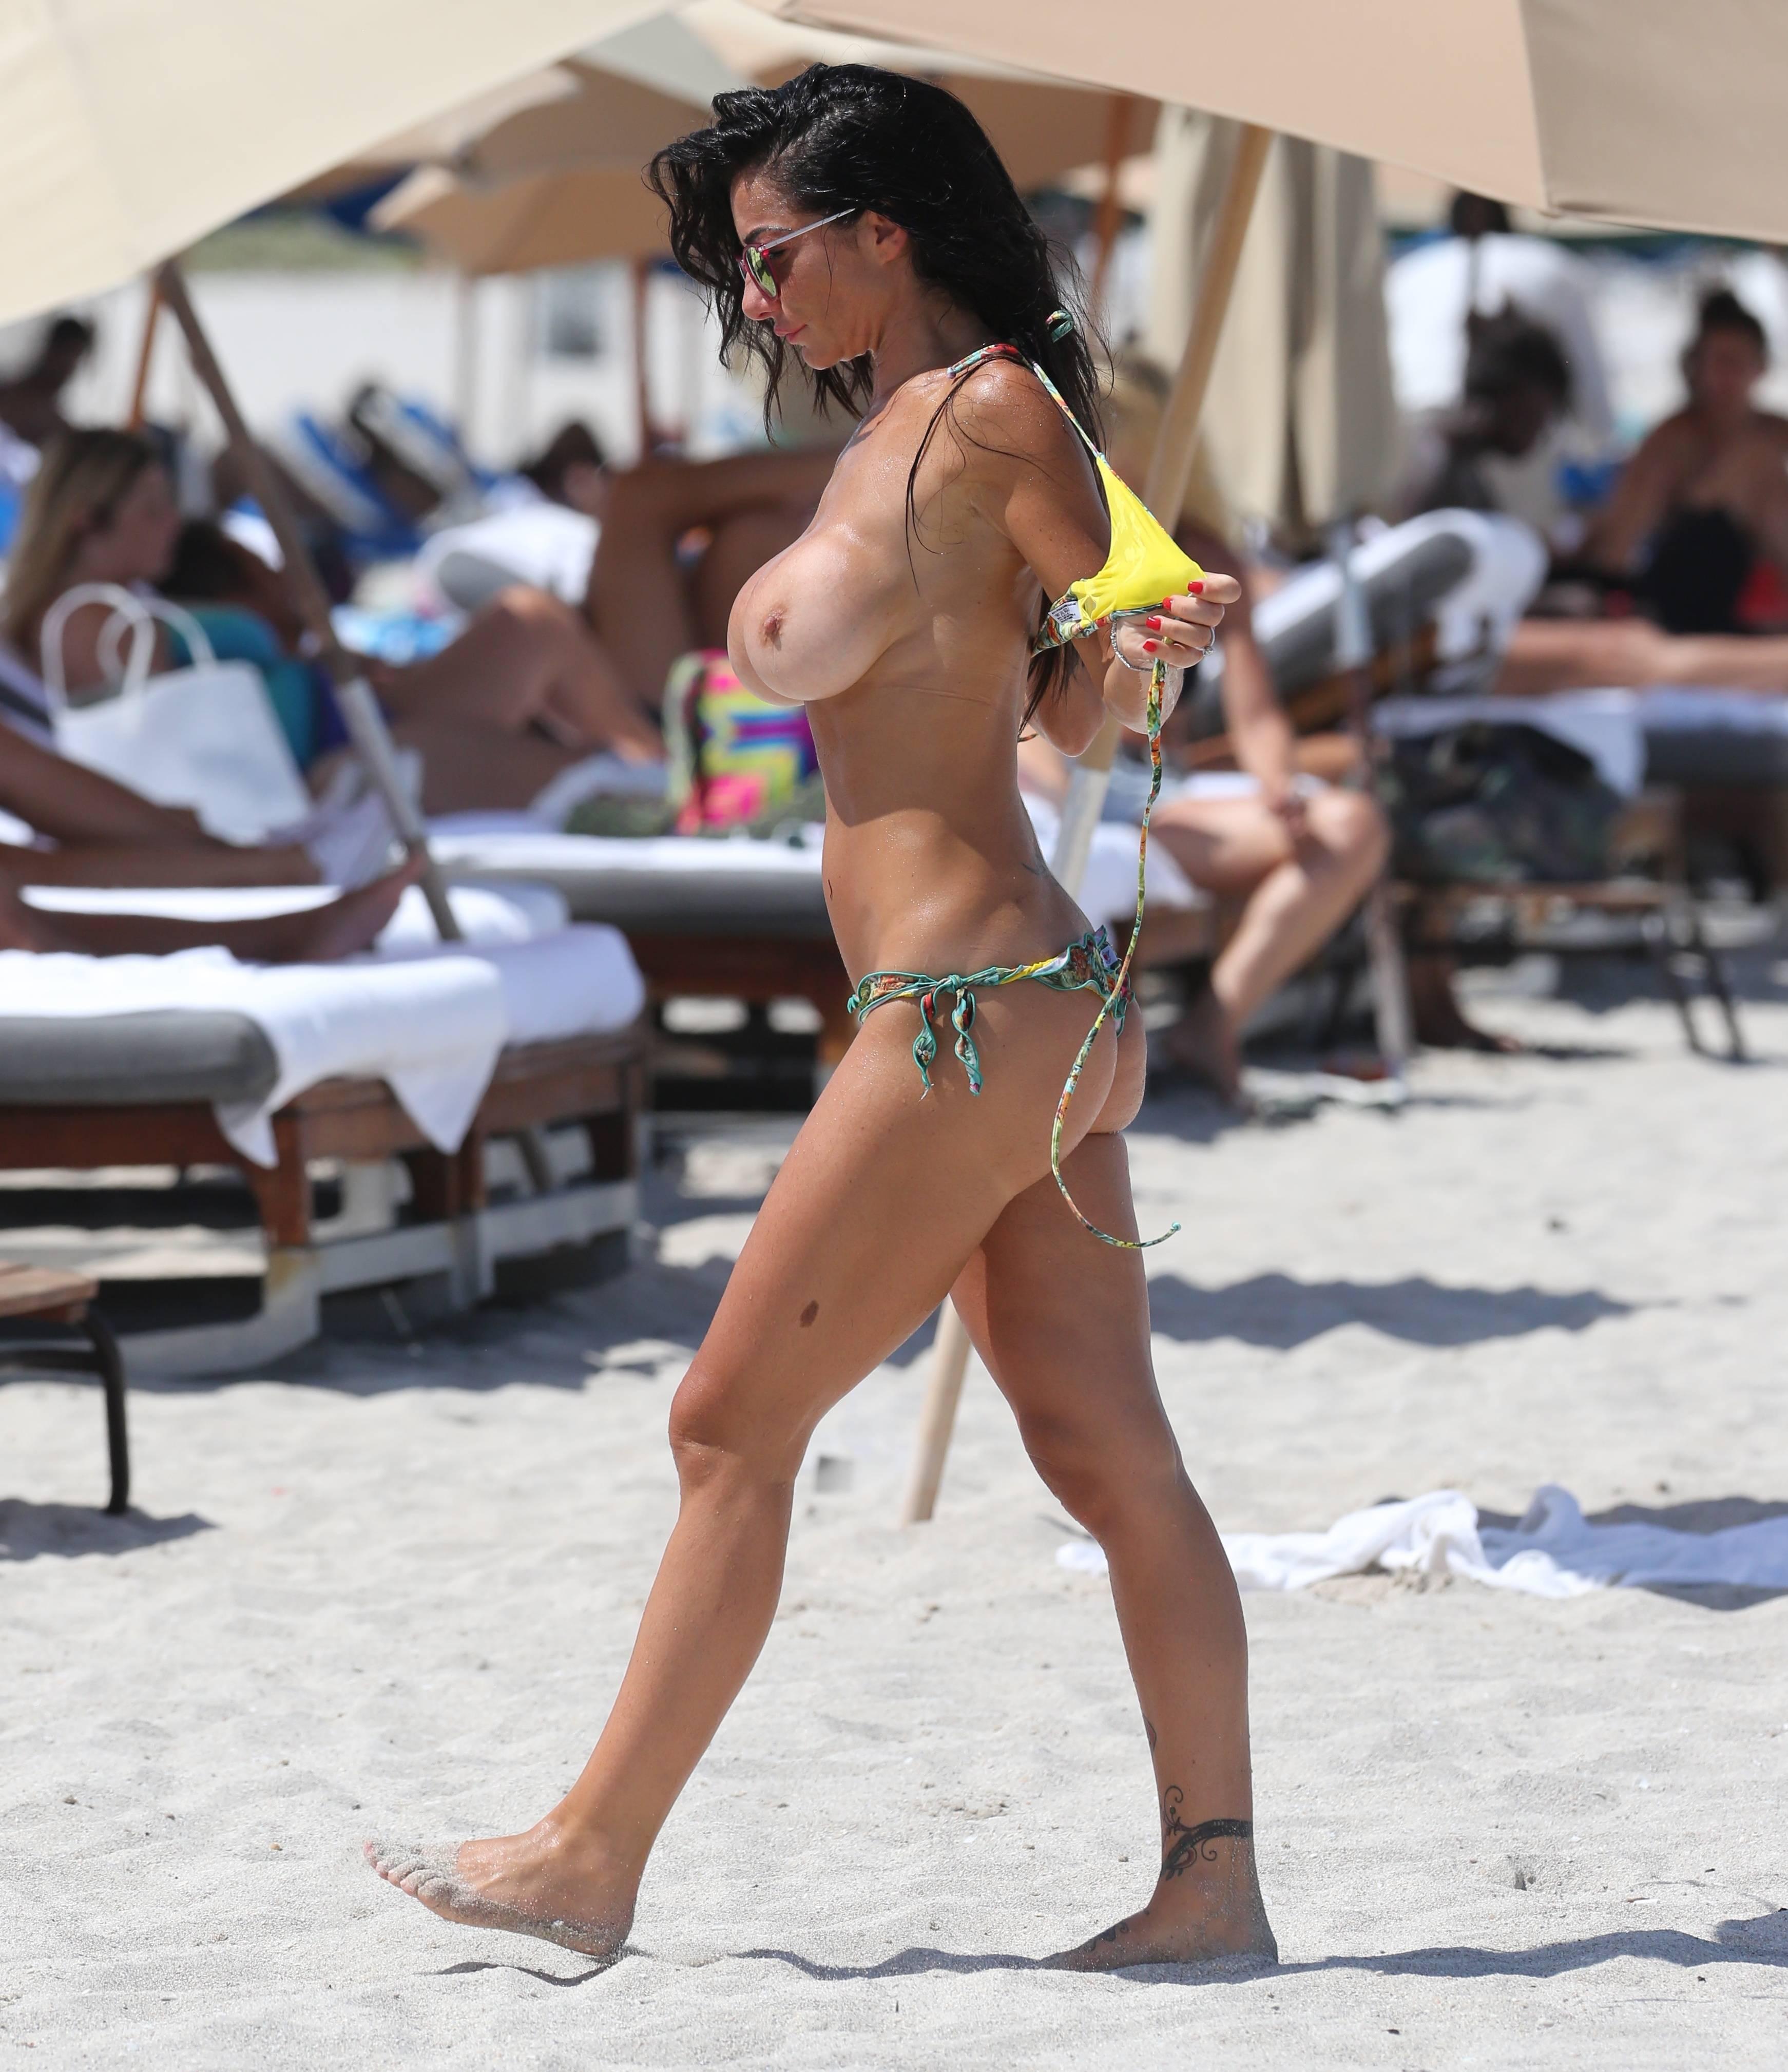 Priscilla Salerno | The Fappening – News